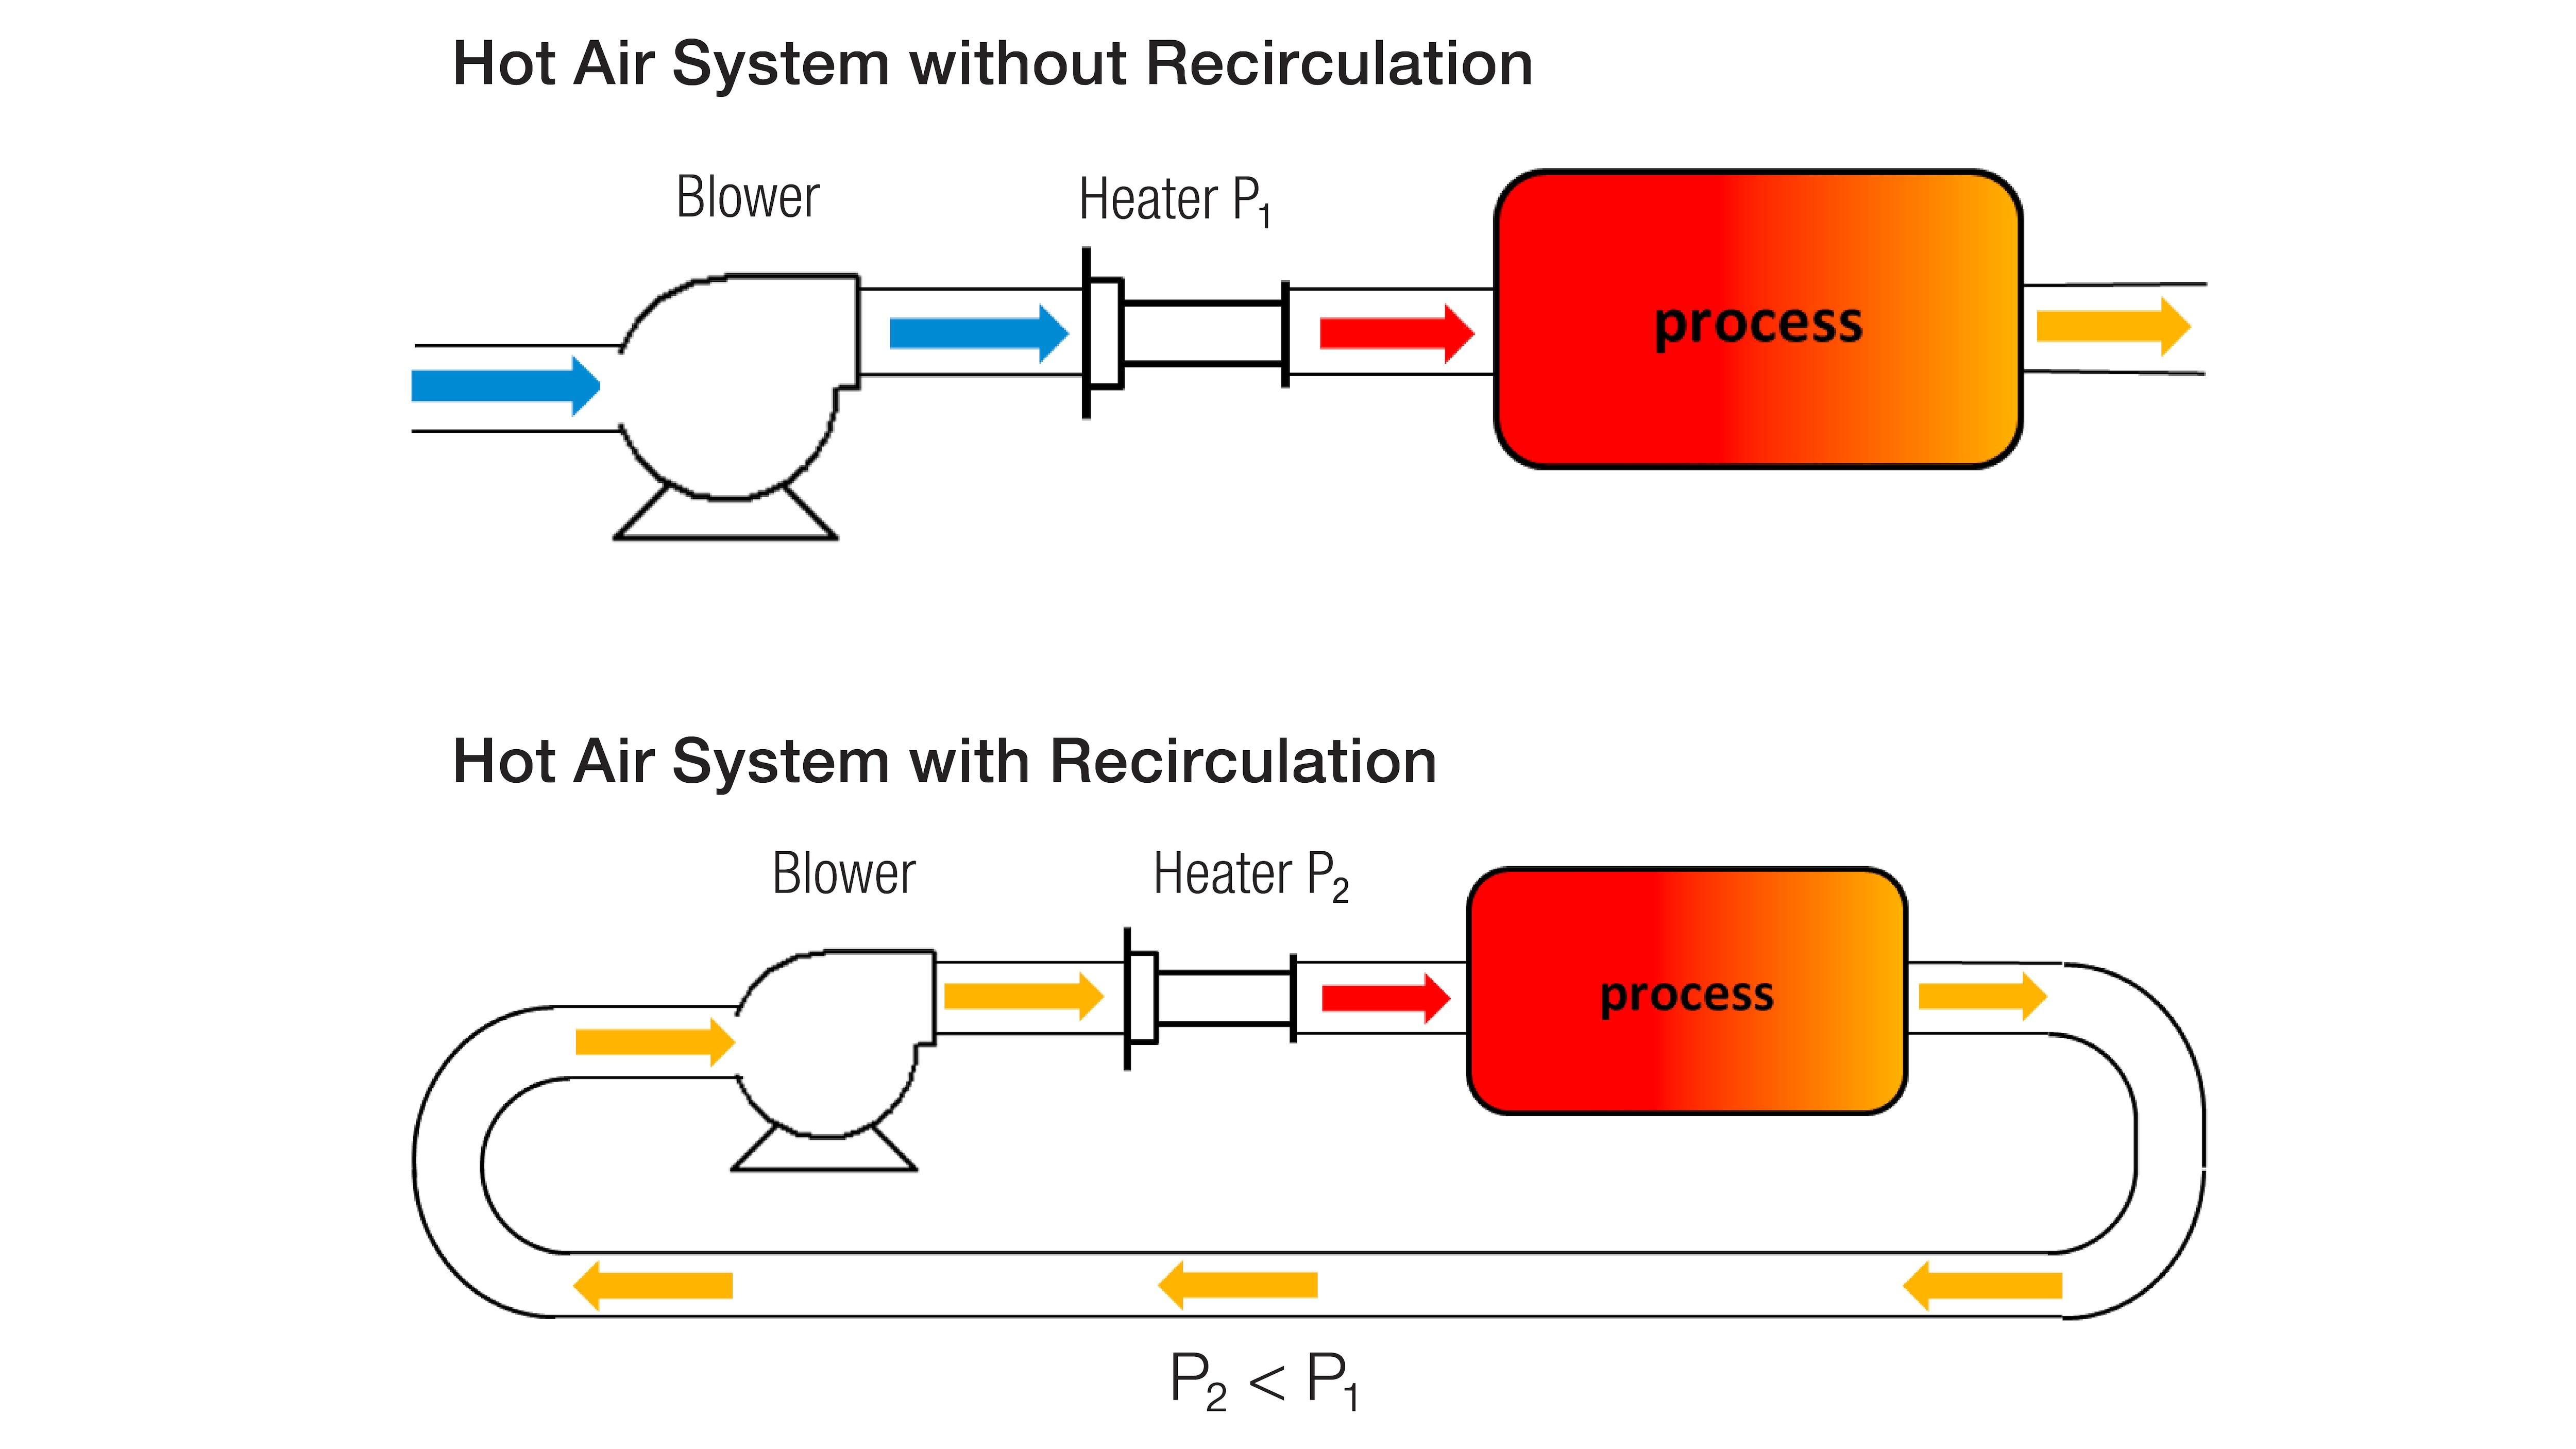 LT_Hot-Air-Recirculation_IL_01_Zeichenfläche 1.jpg